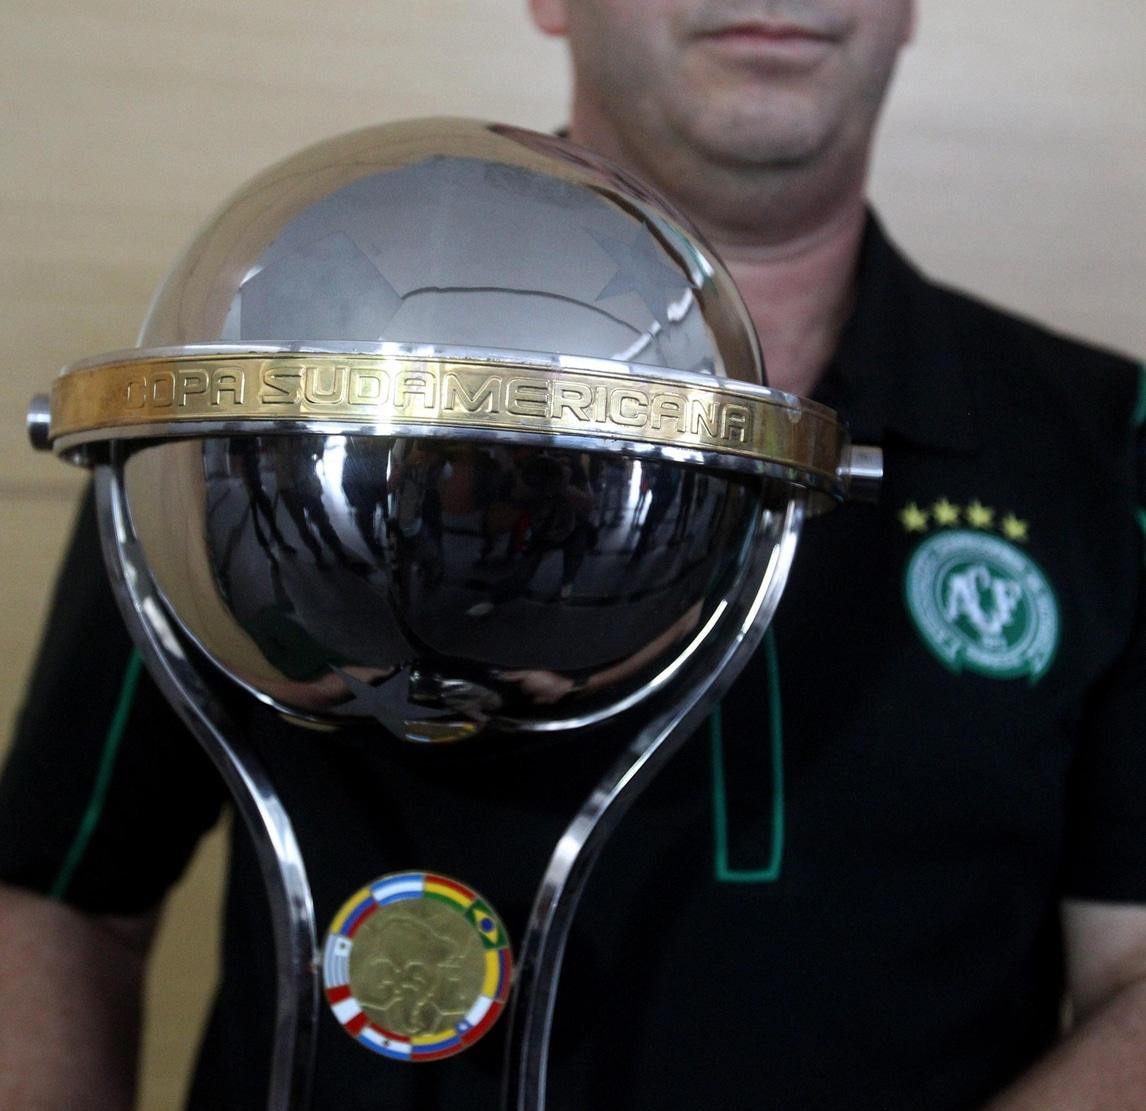 La Conmebol assegna la Sudamericana alla Chapecoense